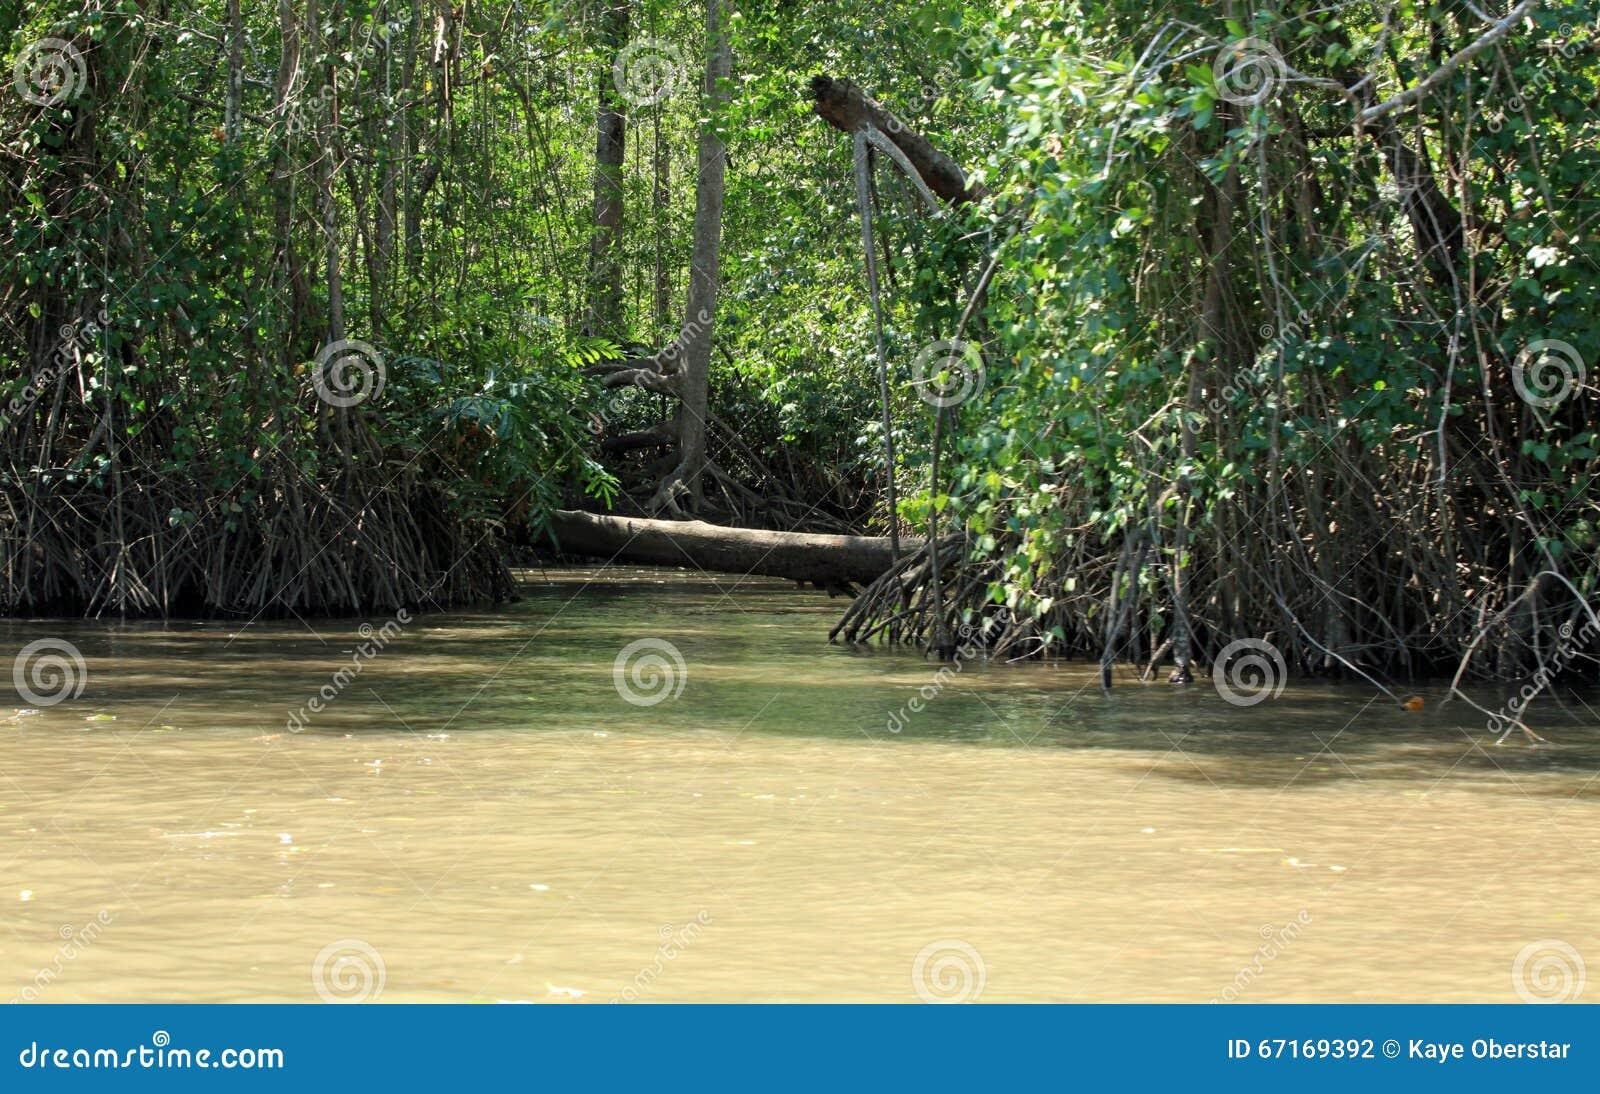 Florestas dos manguezais ao longo do rio de Tarcoles